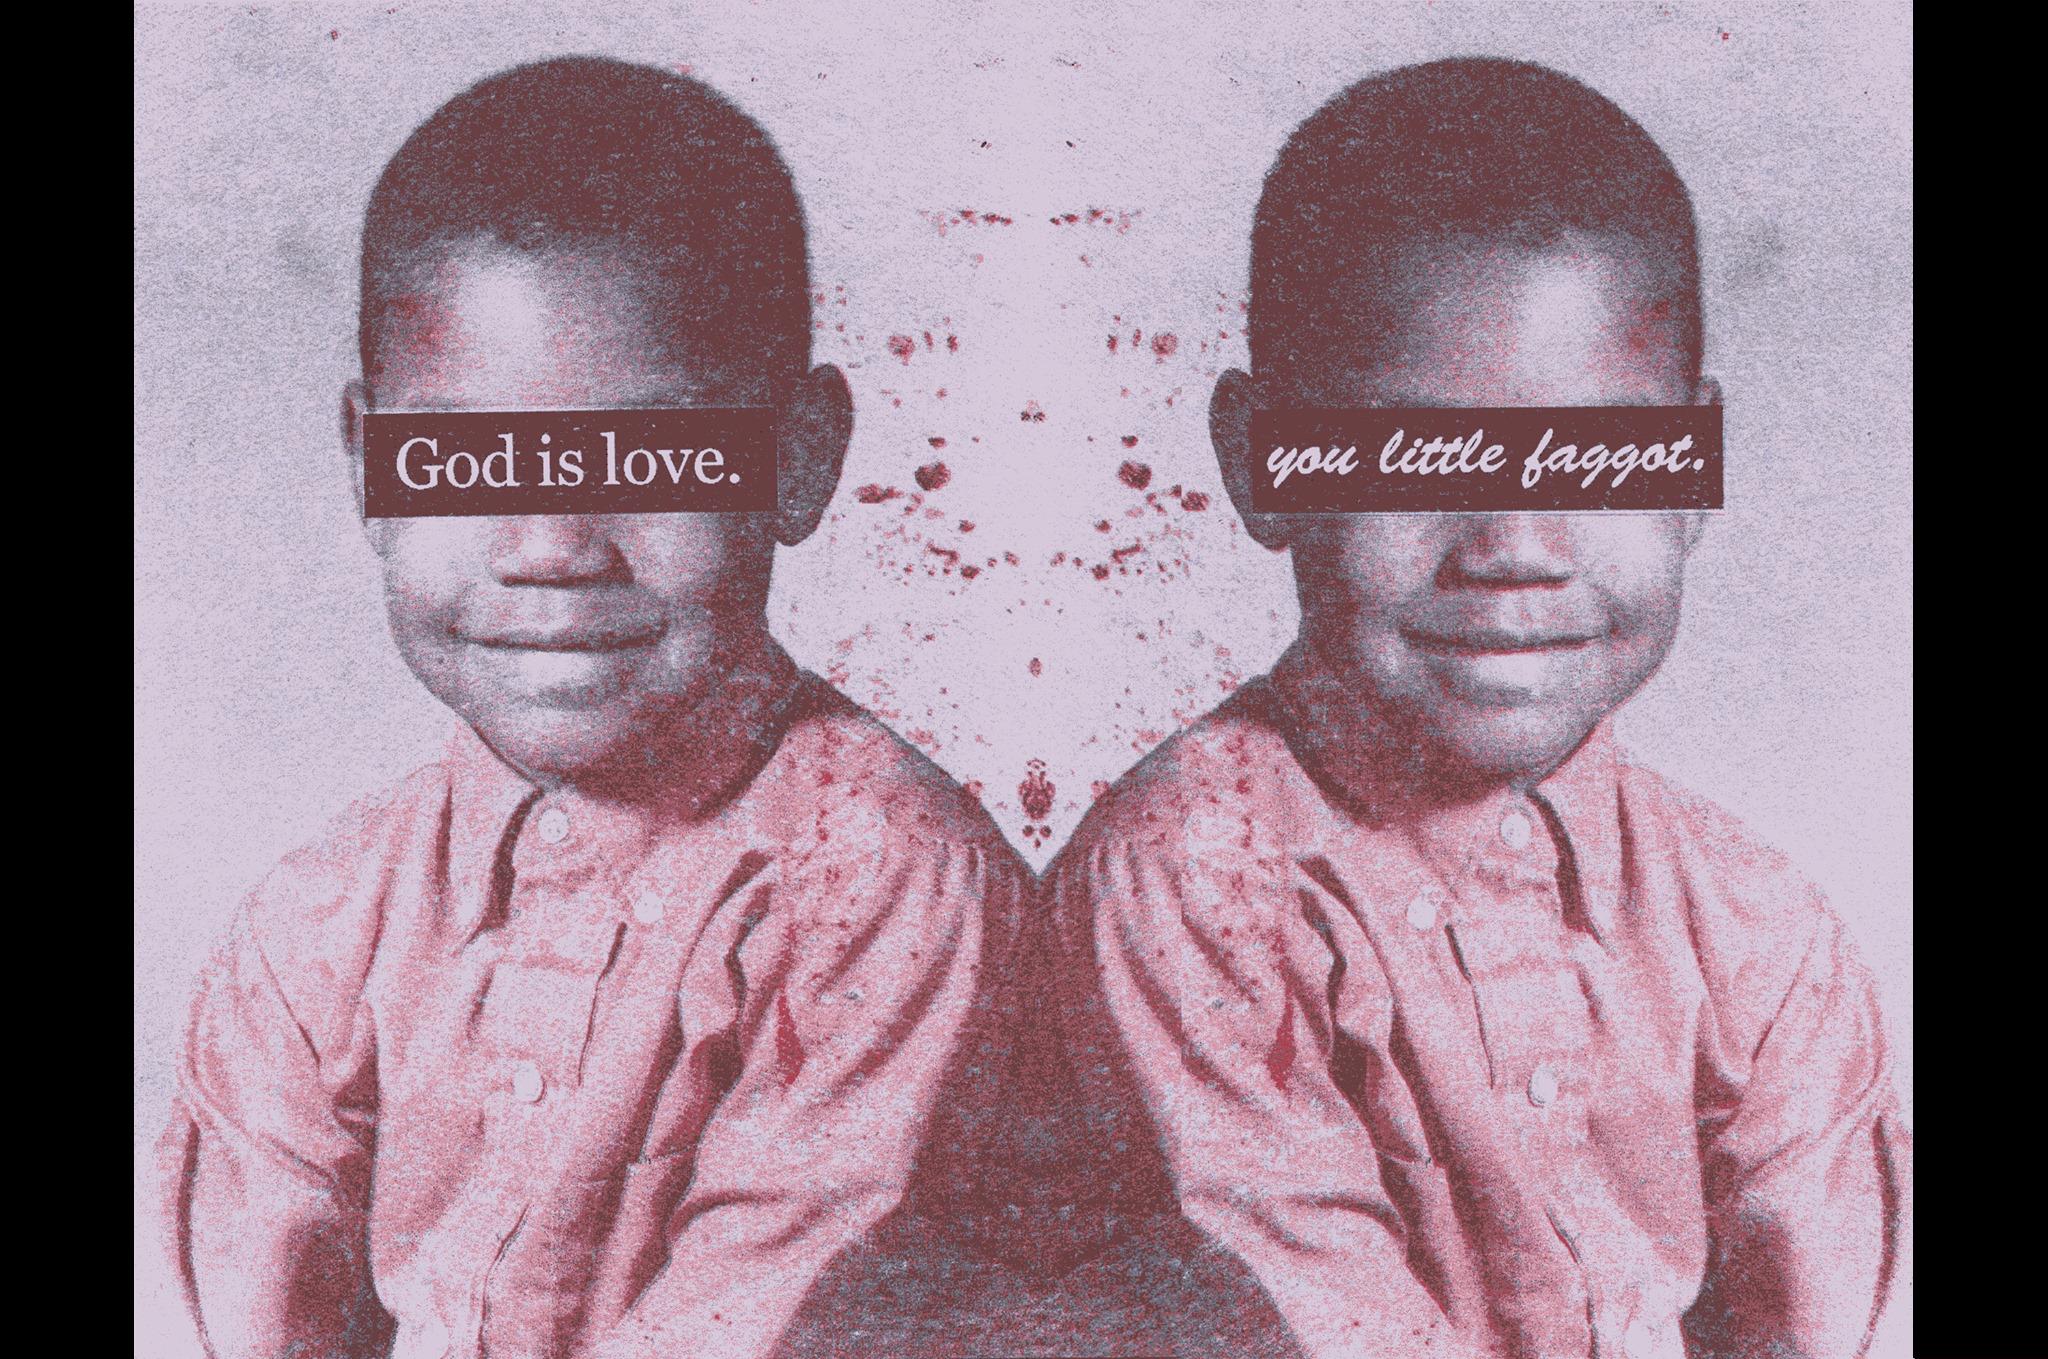 Image Steve LockeUntitled, (GOD IS LOVE/you little faggot), 2018